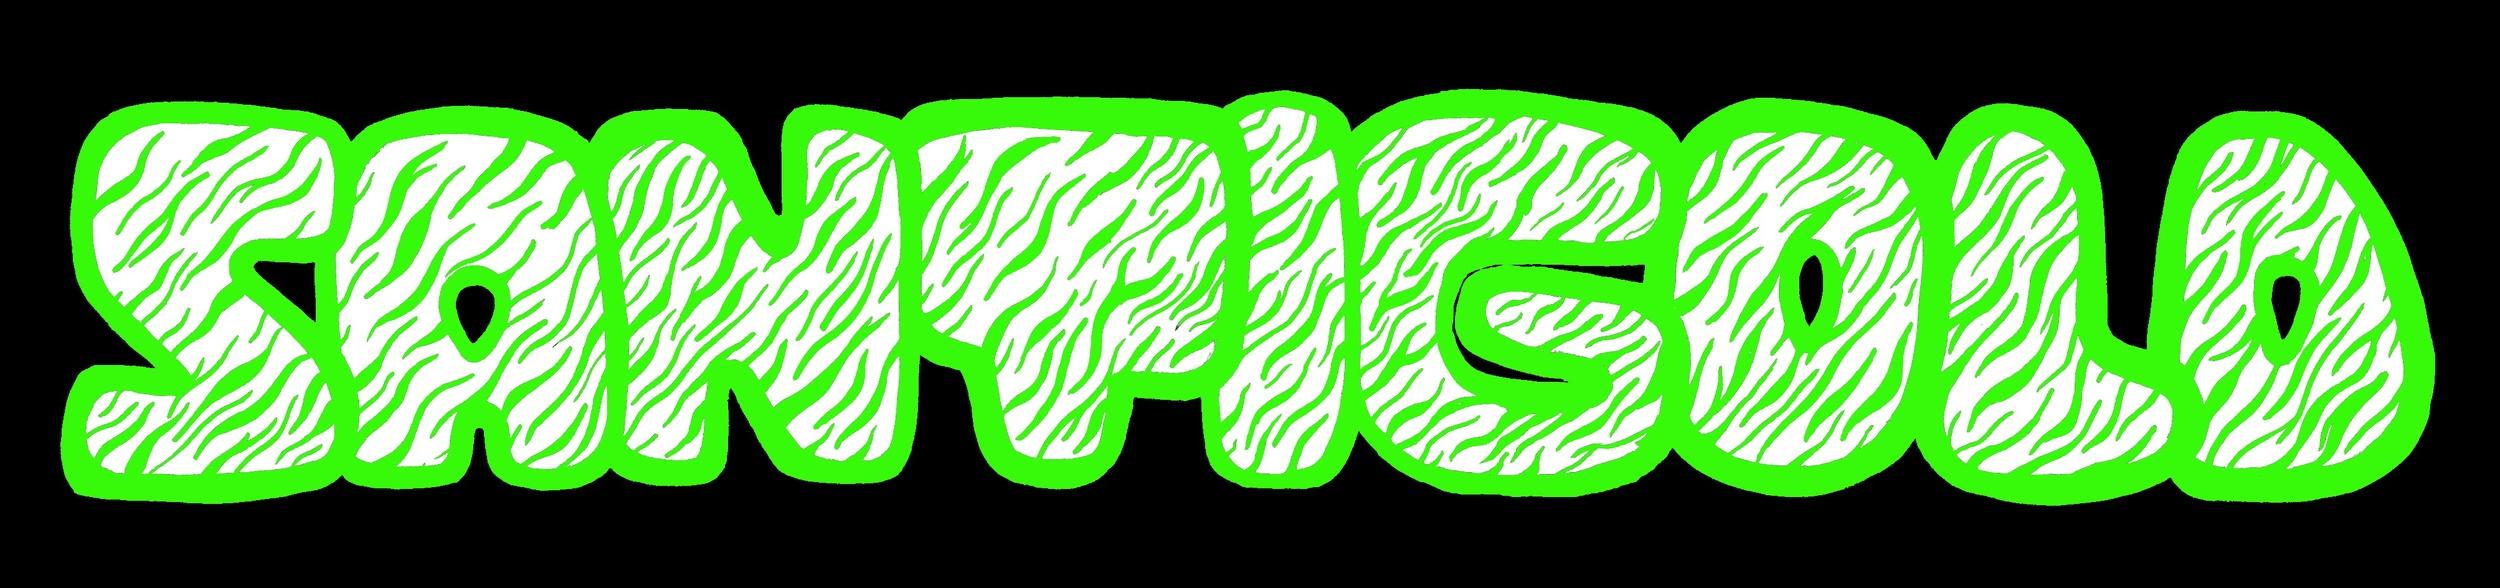 zebra_green